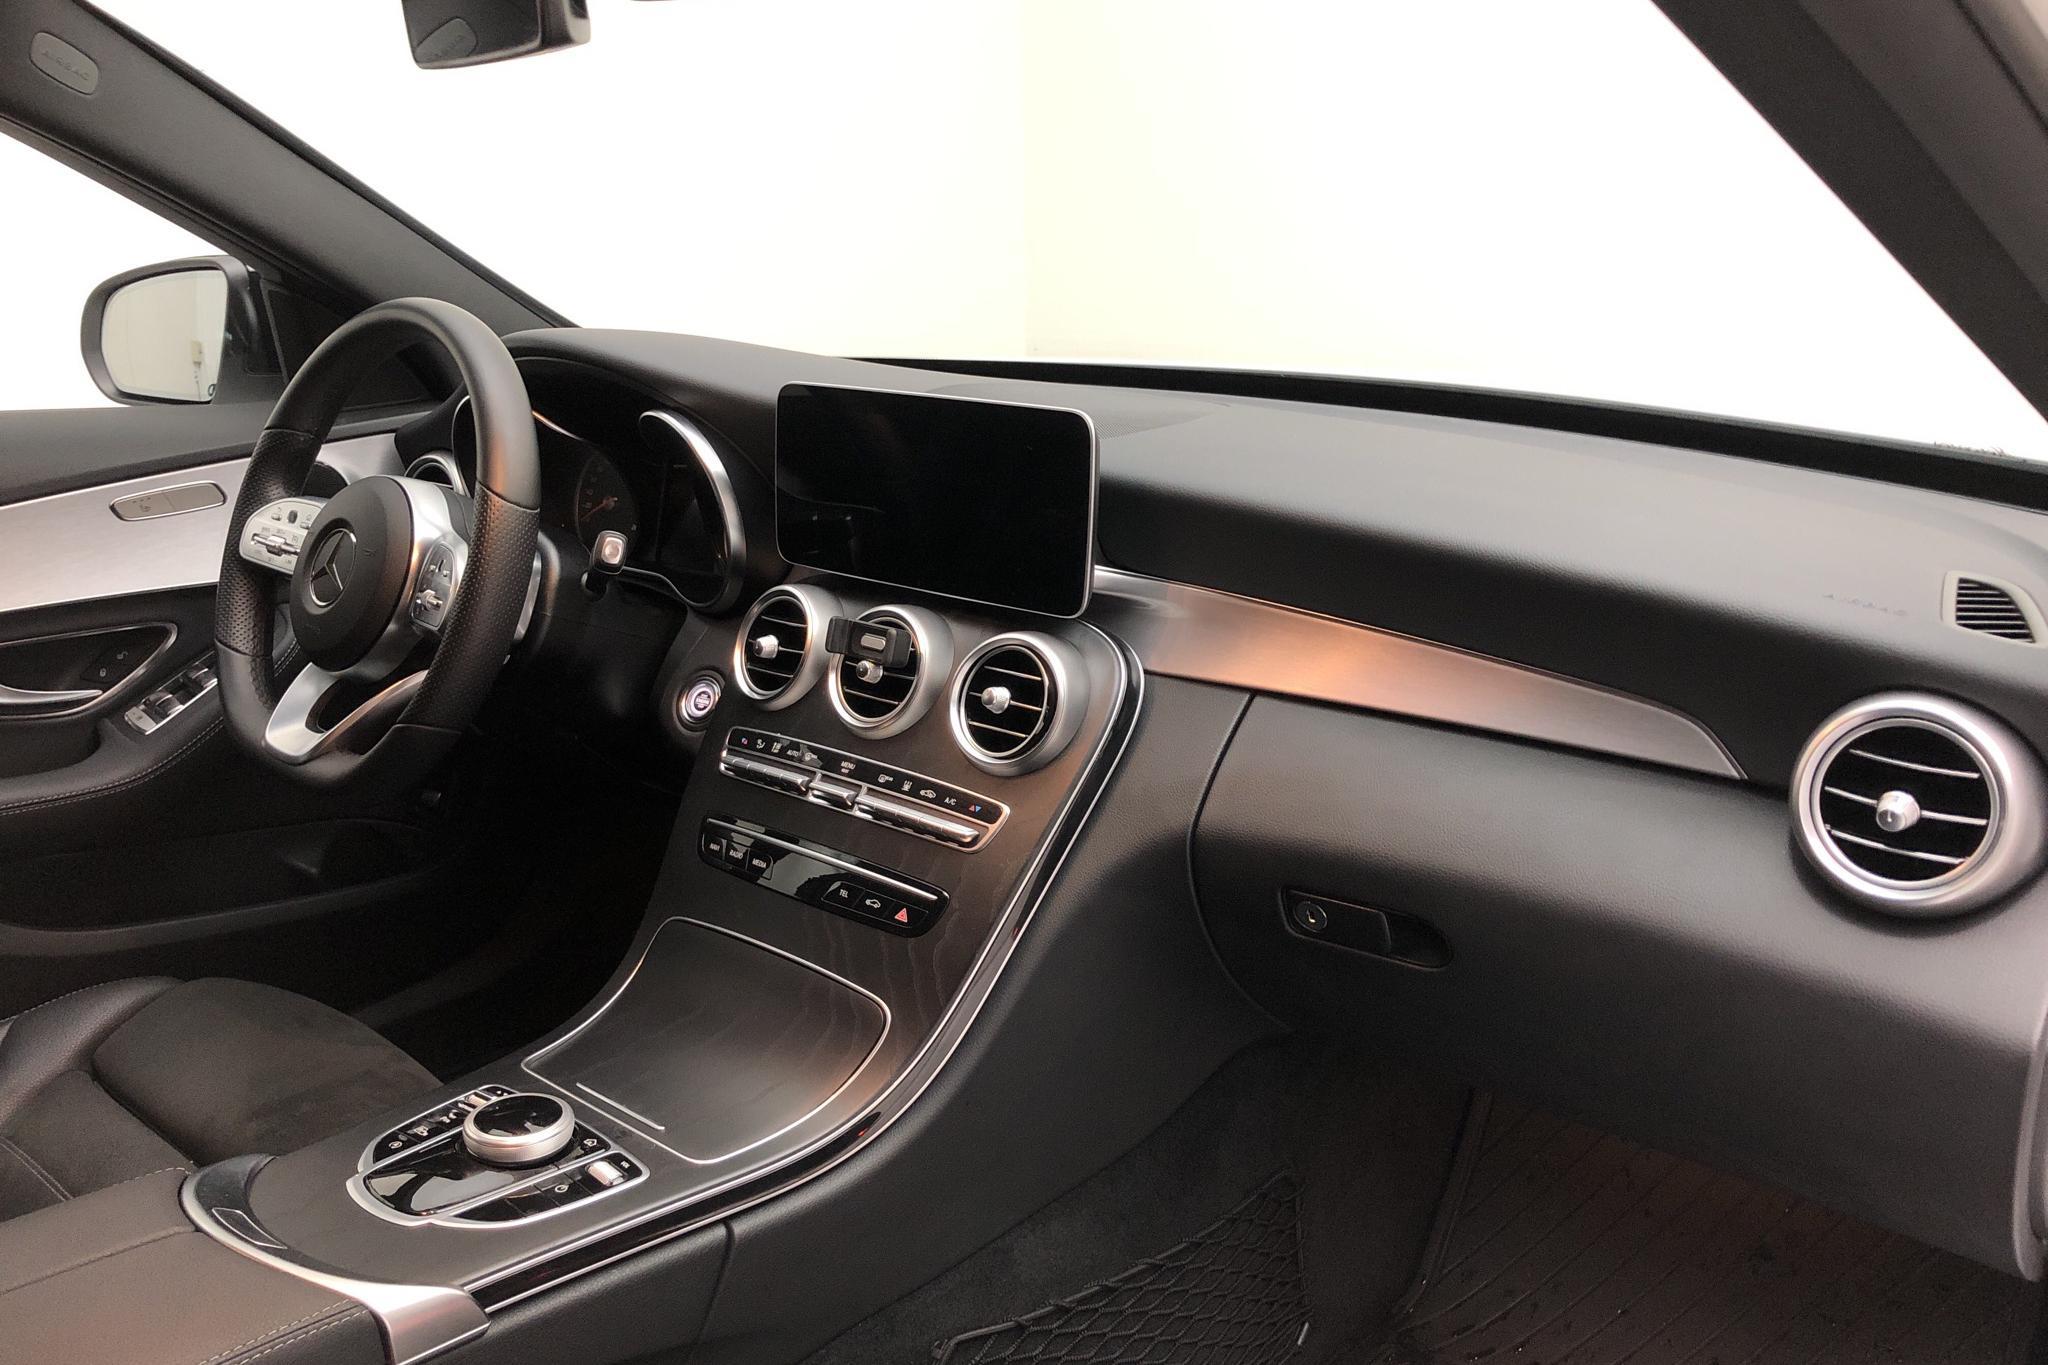 Mercedes C 220 d 4MATIC Kombi S205 (194hk) - 0 mil - vit - 2020